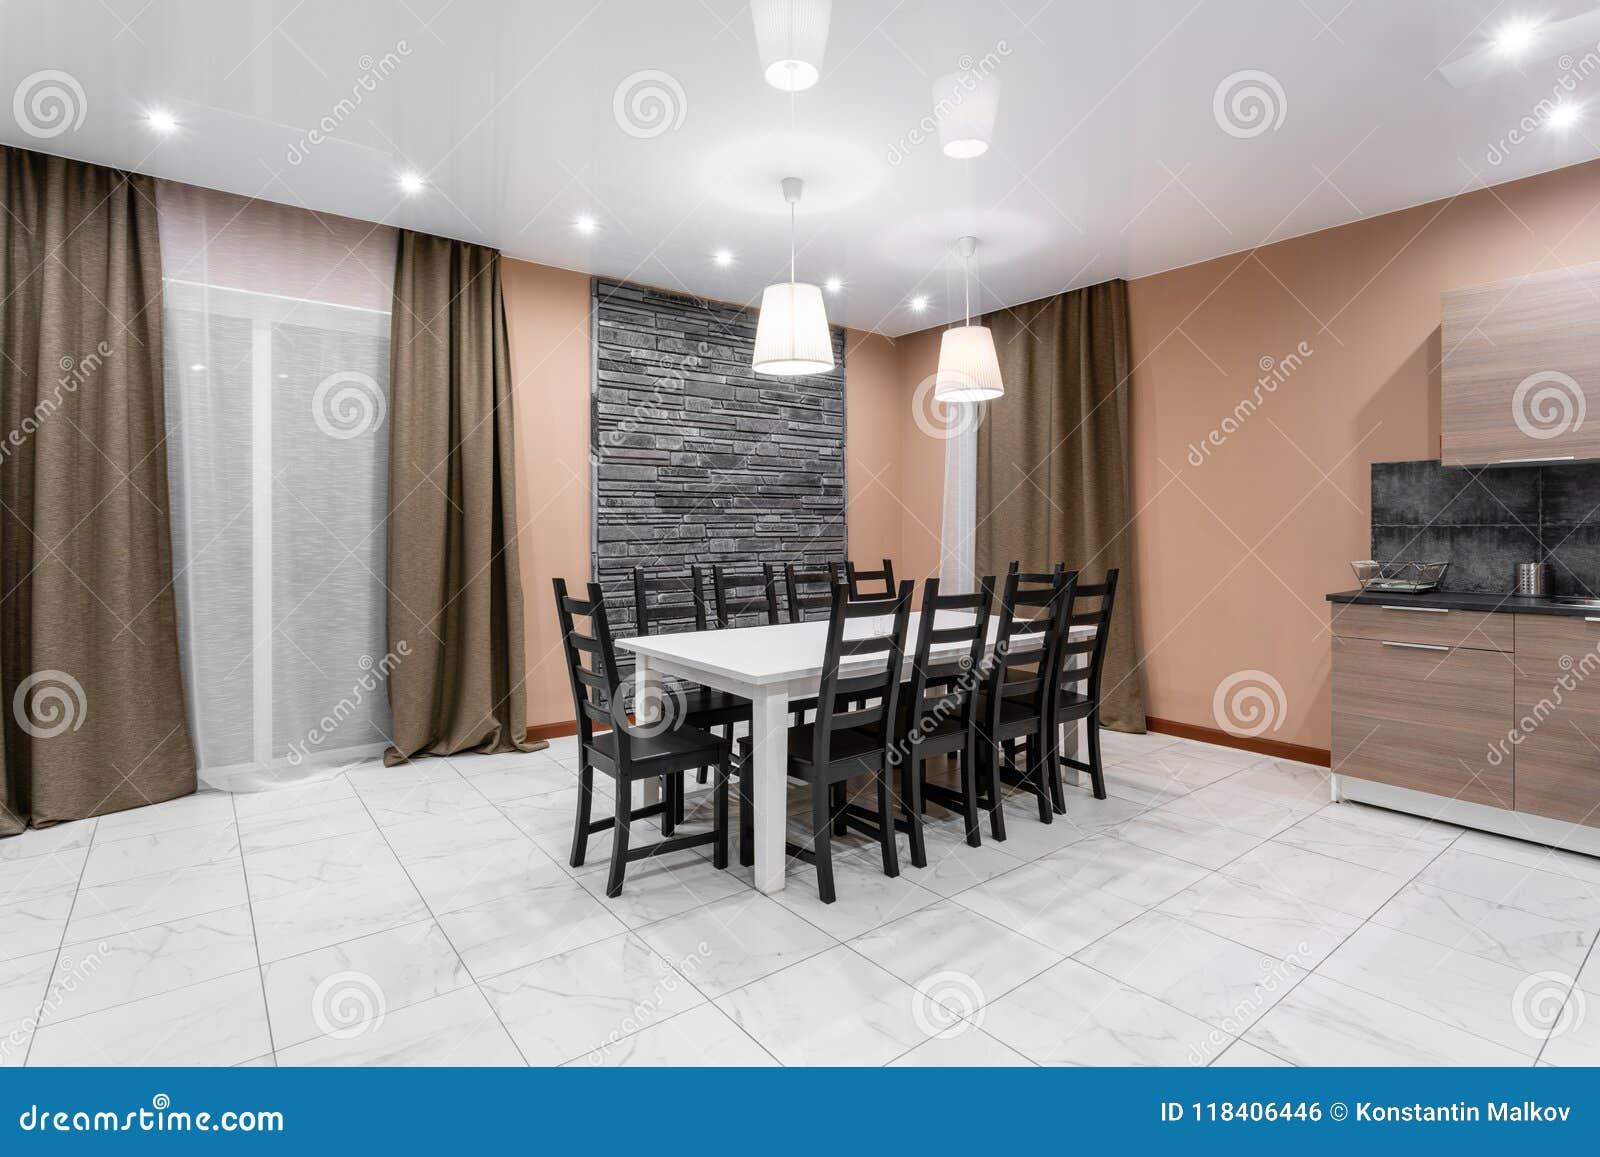 Äta middag tabellen för tio personer Modern interior för minimalismstilmottagning Enkel och billig vardagsrum med